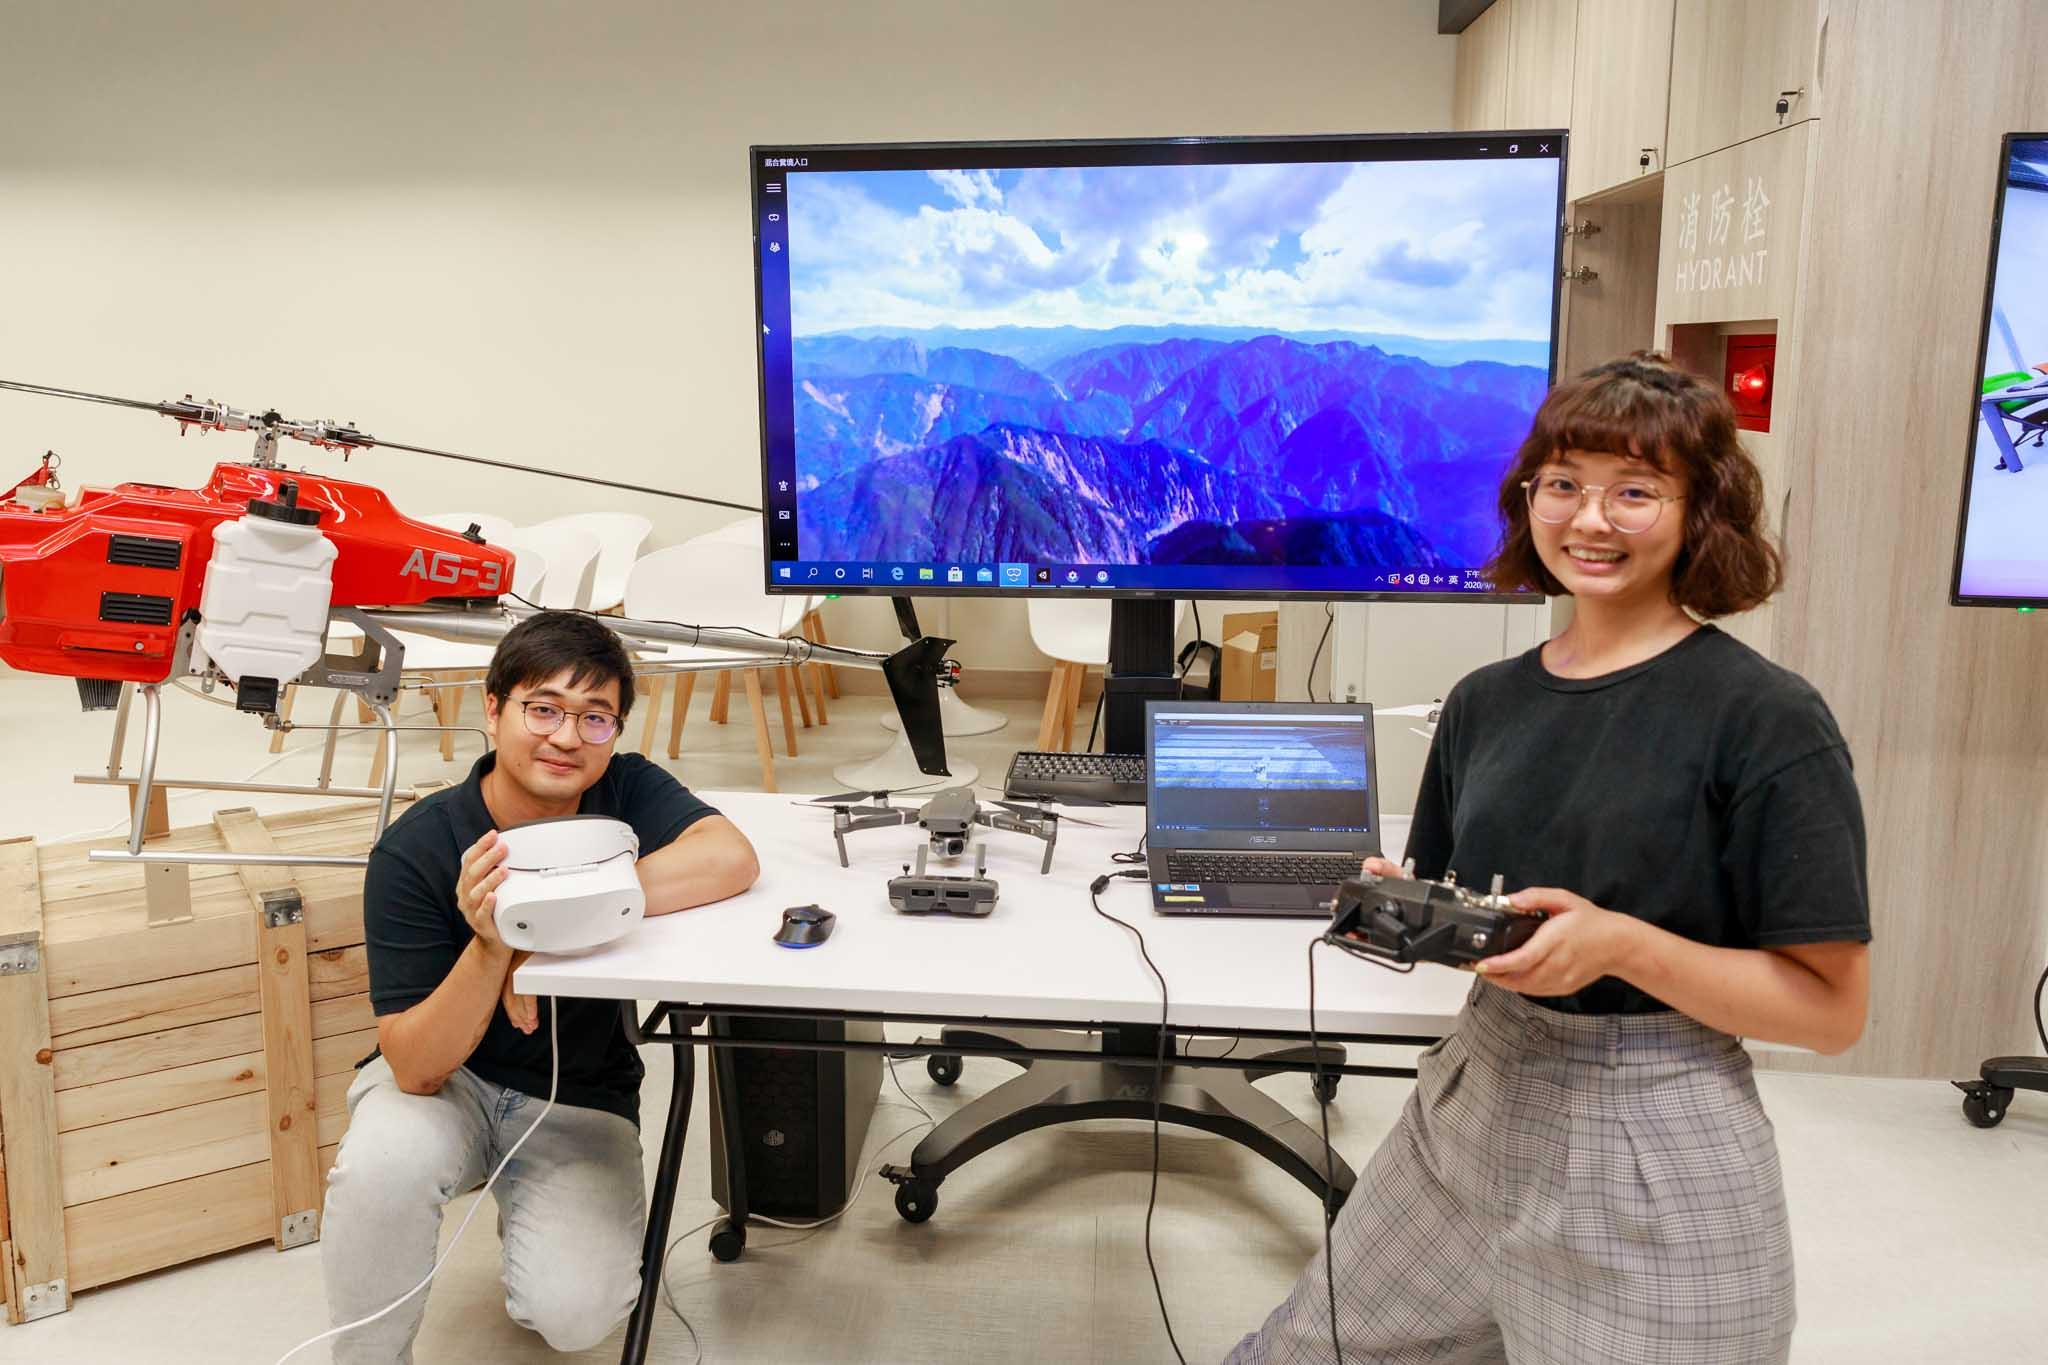 「智慧城市共享學習堂」為兼具教學、實作及展示多元使用的智慧空間。